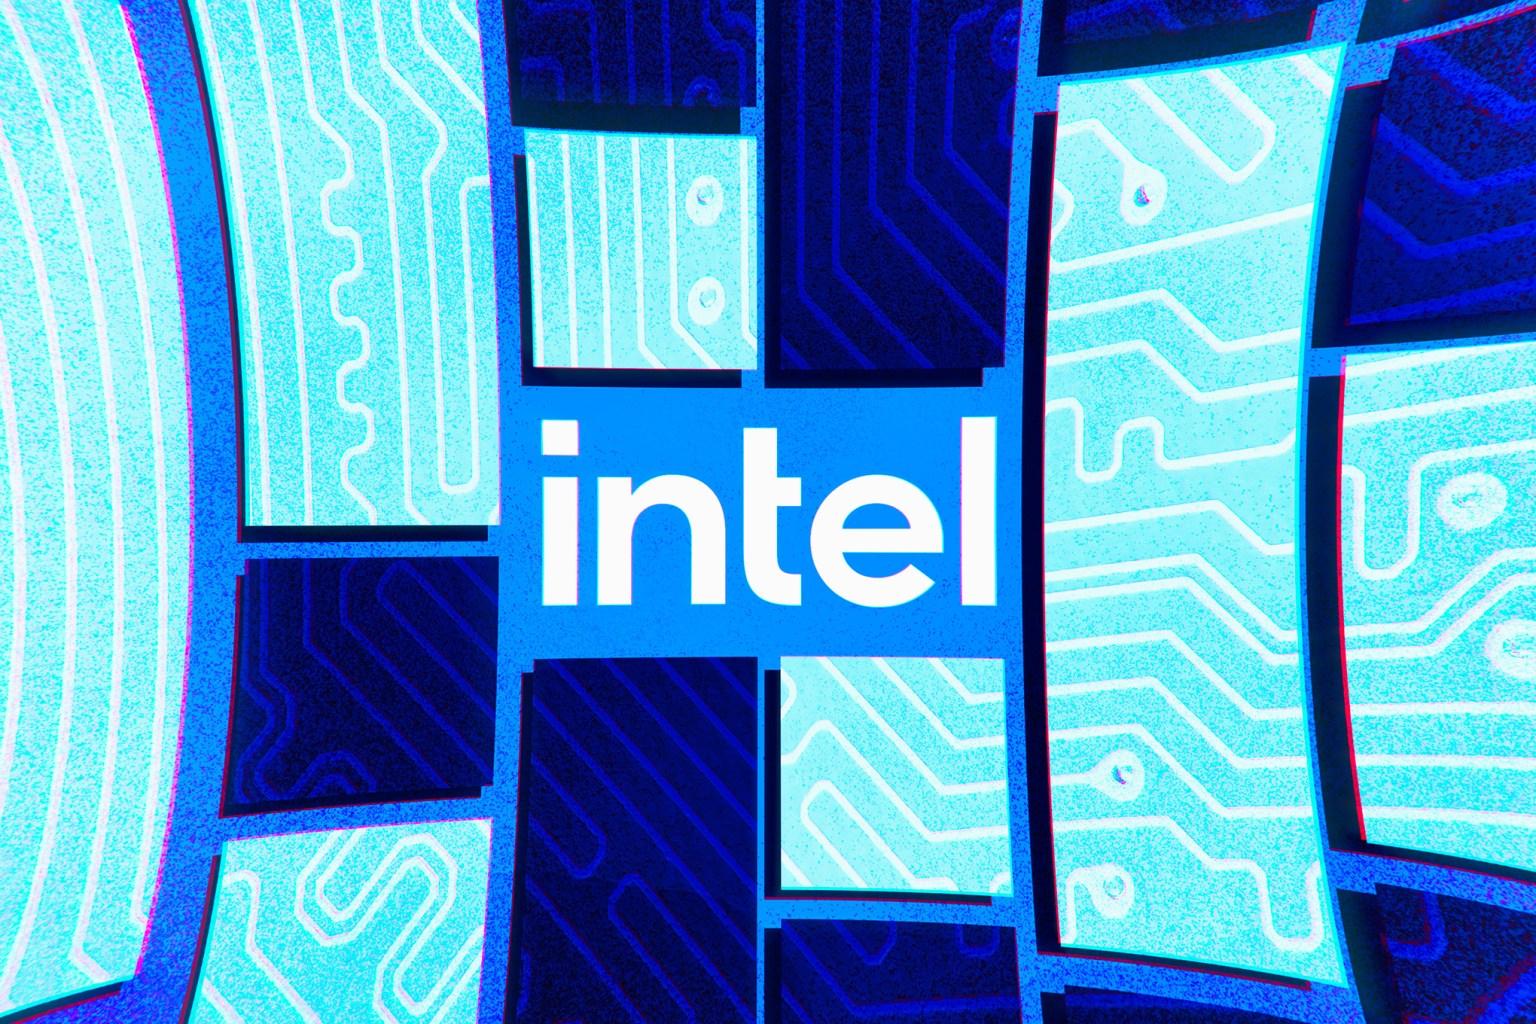 Intel представила 5-гигагерцевый процессор Core i7-1195G7 для ультрапортативных ноутбуков и ноутбучный модем 5G Solution 5000, разработанный совместно с MediaTek